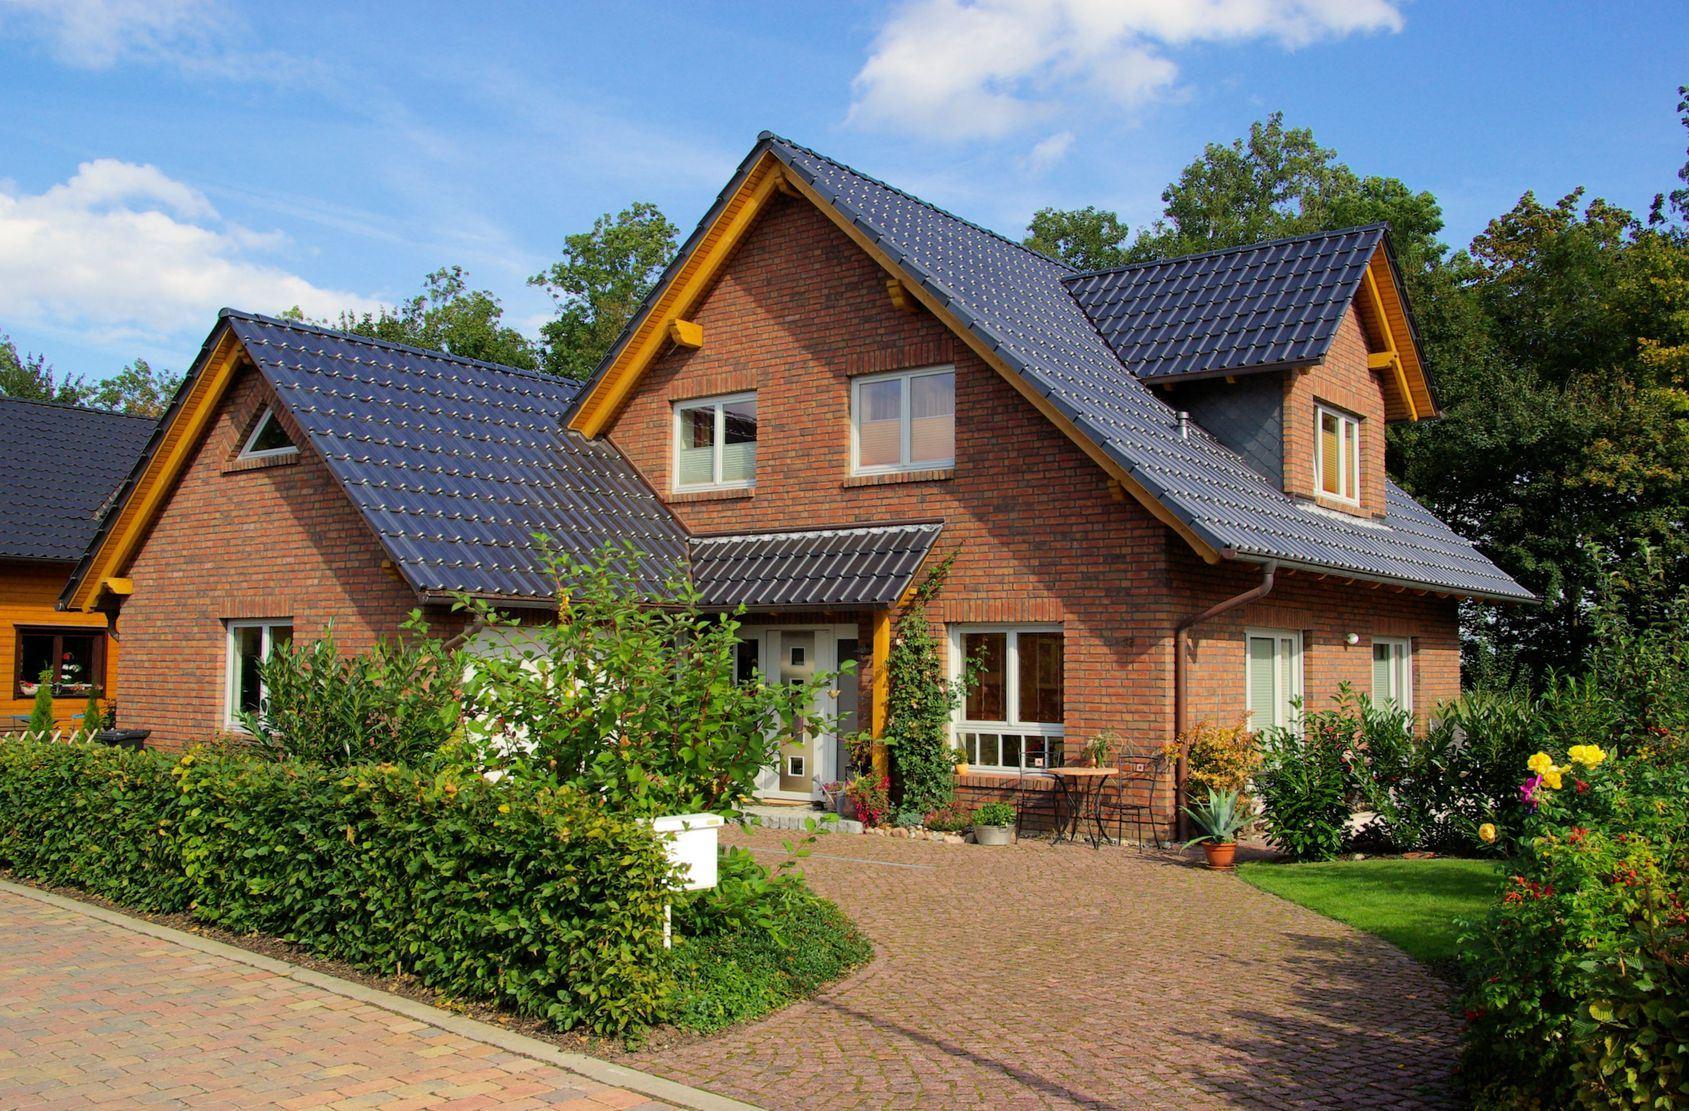 Immobilienmakler vermietung und verkauf grevenbroich for Immobilienmakler vermietung